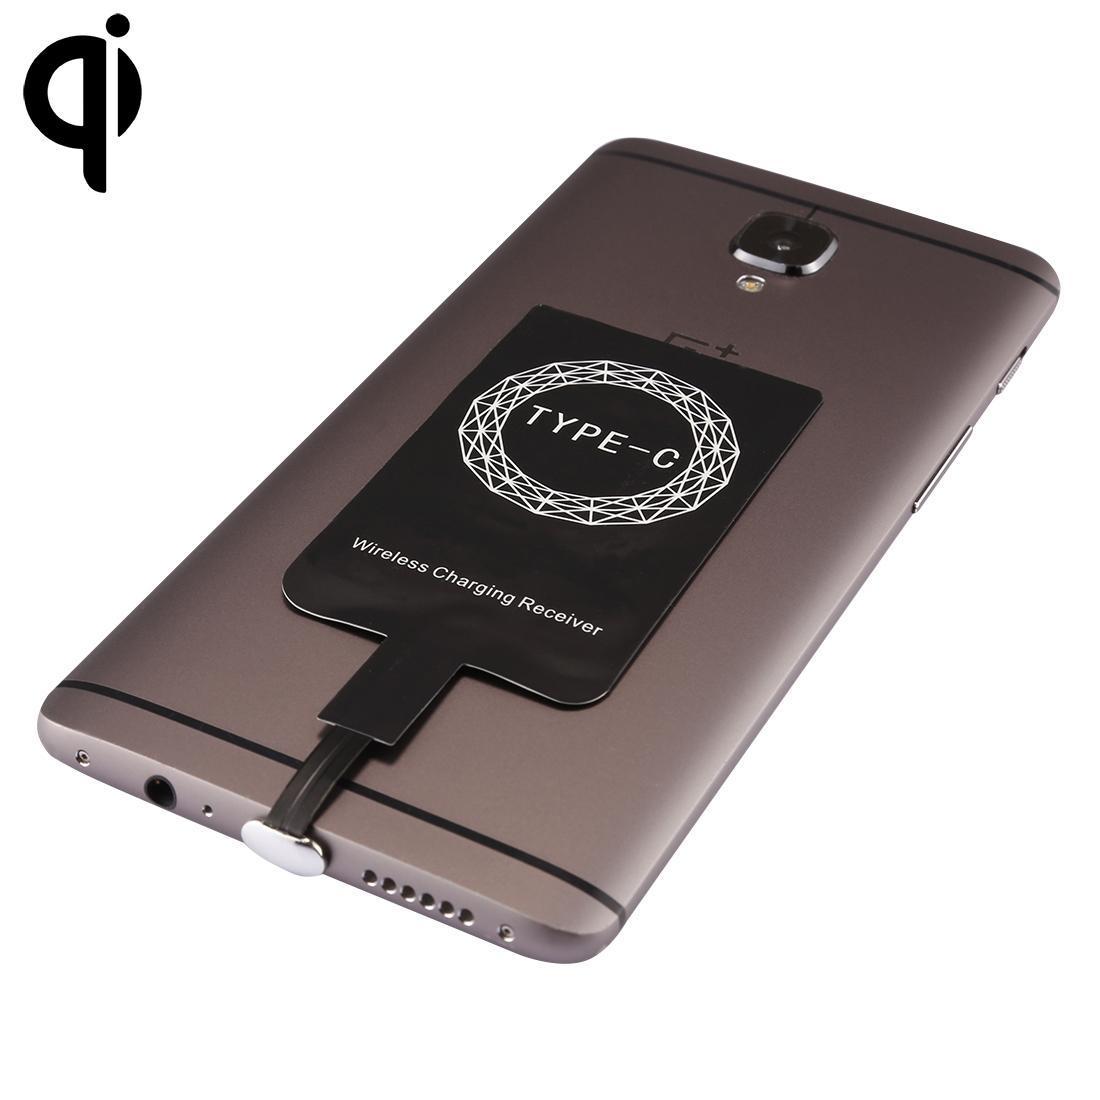 5V 800mAh Qi standard wireless di ricarica Ricevitore con USB-C / C Type-Port, per Huawei, HTC, Xiaomi, Meizu, LeTV, Nokia, Google, e OnePlus